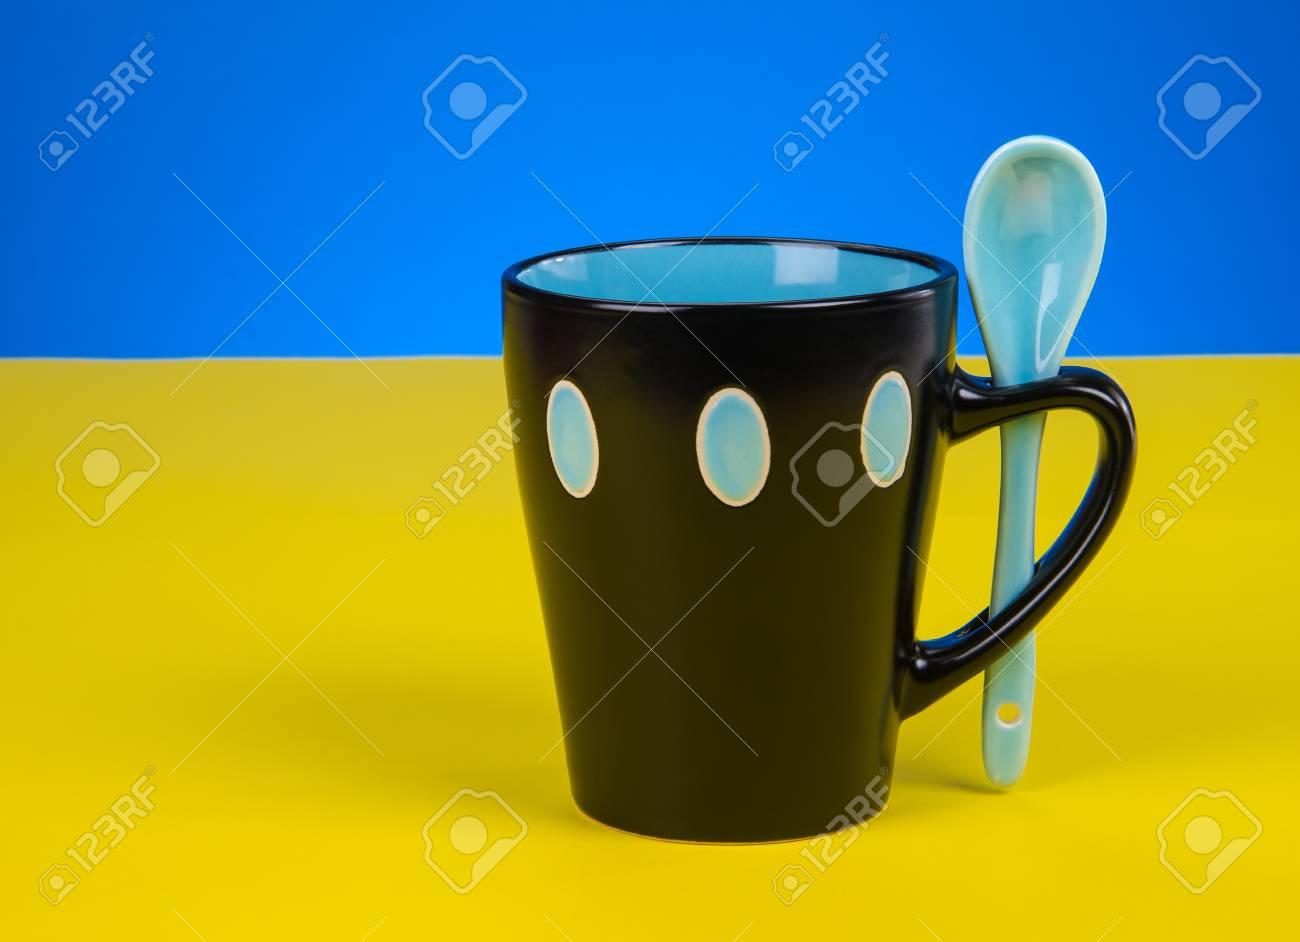 Tasse Fantaisie café frais versant dans la tasse de fantaisie sur table banque d